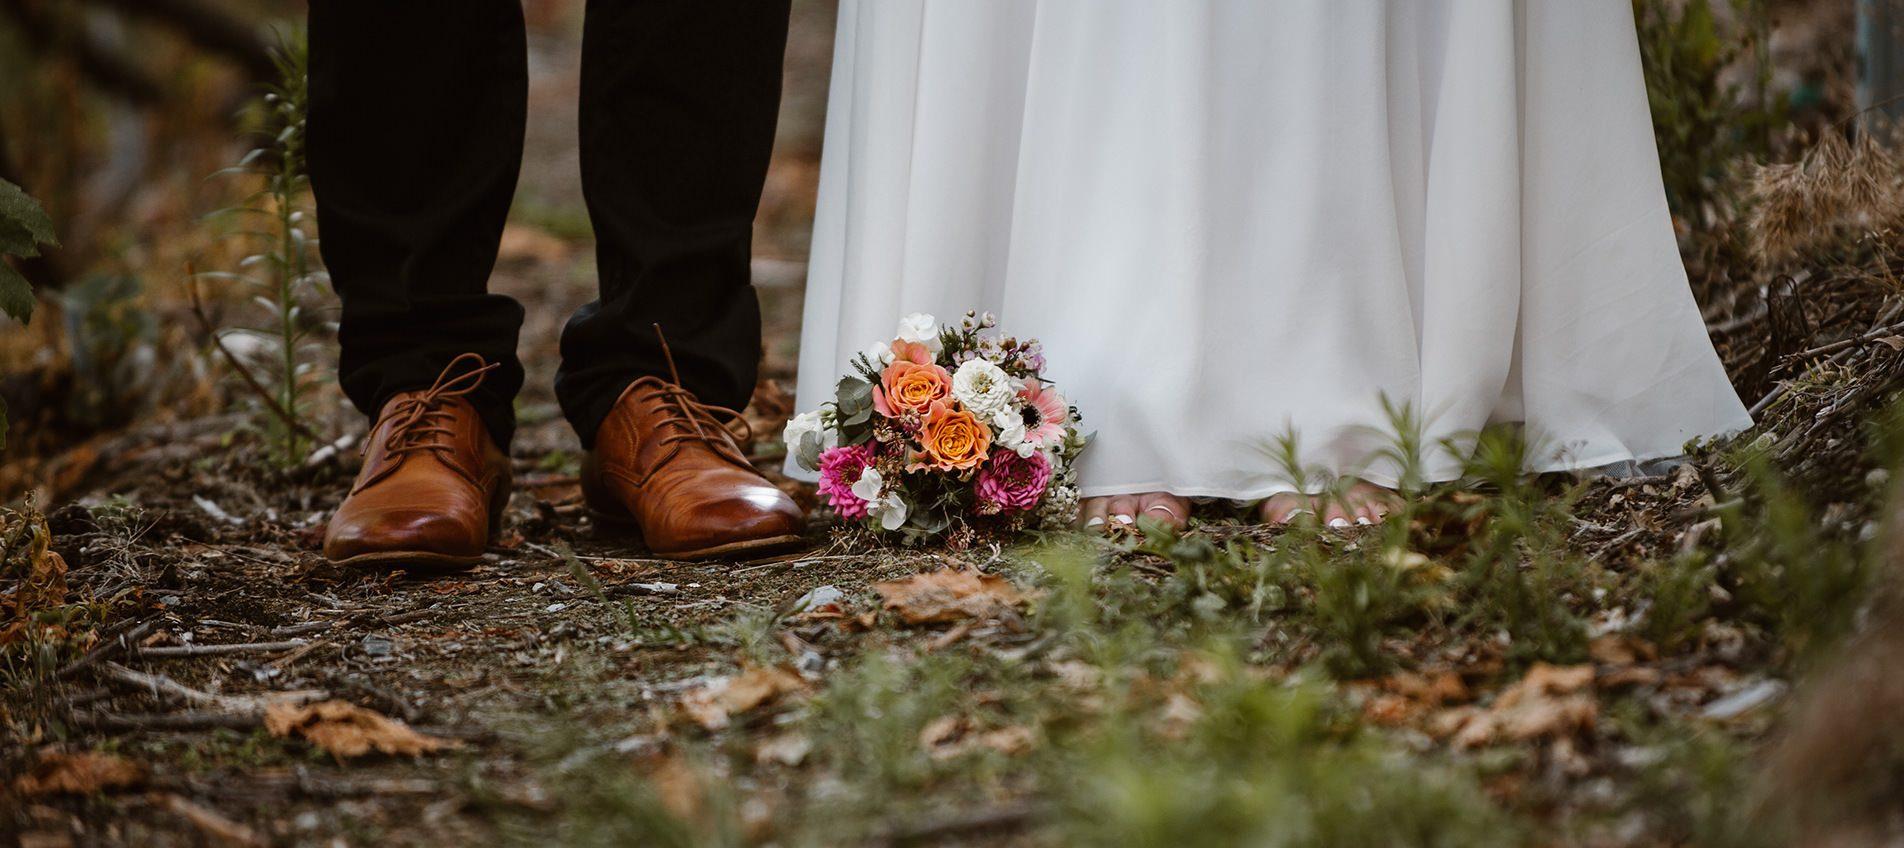 mariage boheme suisse valais geneve